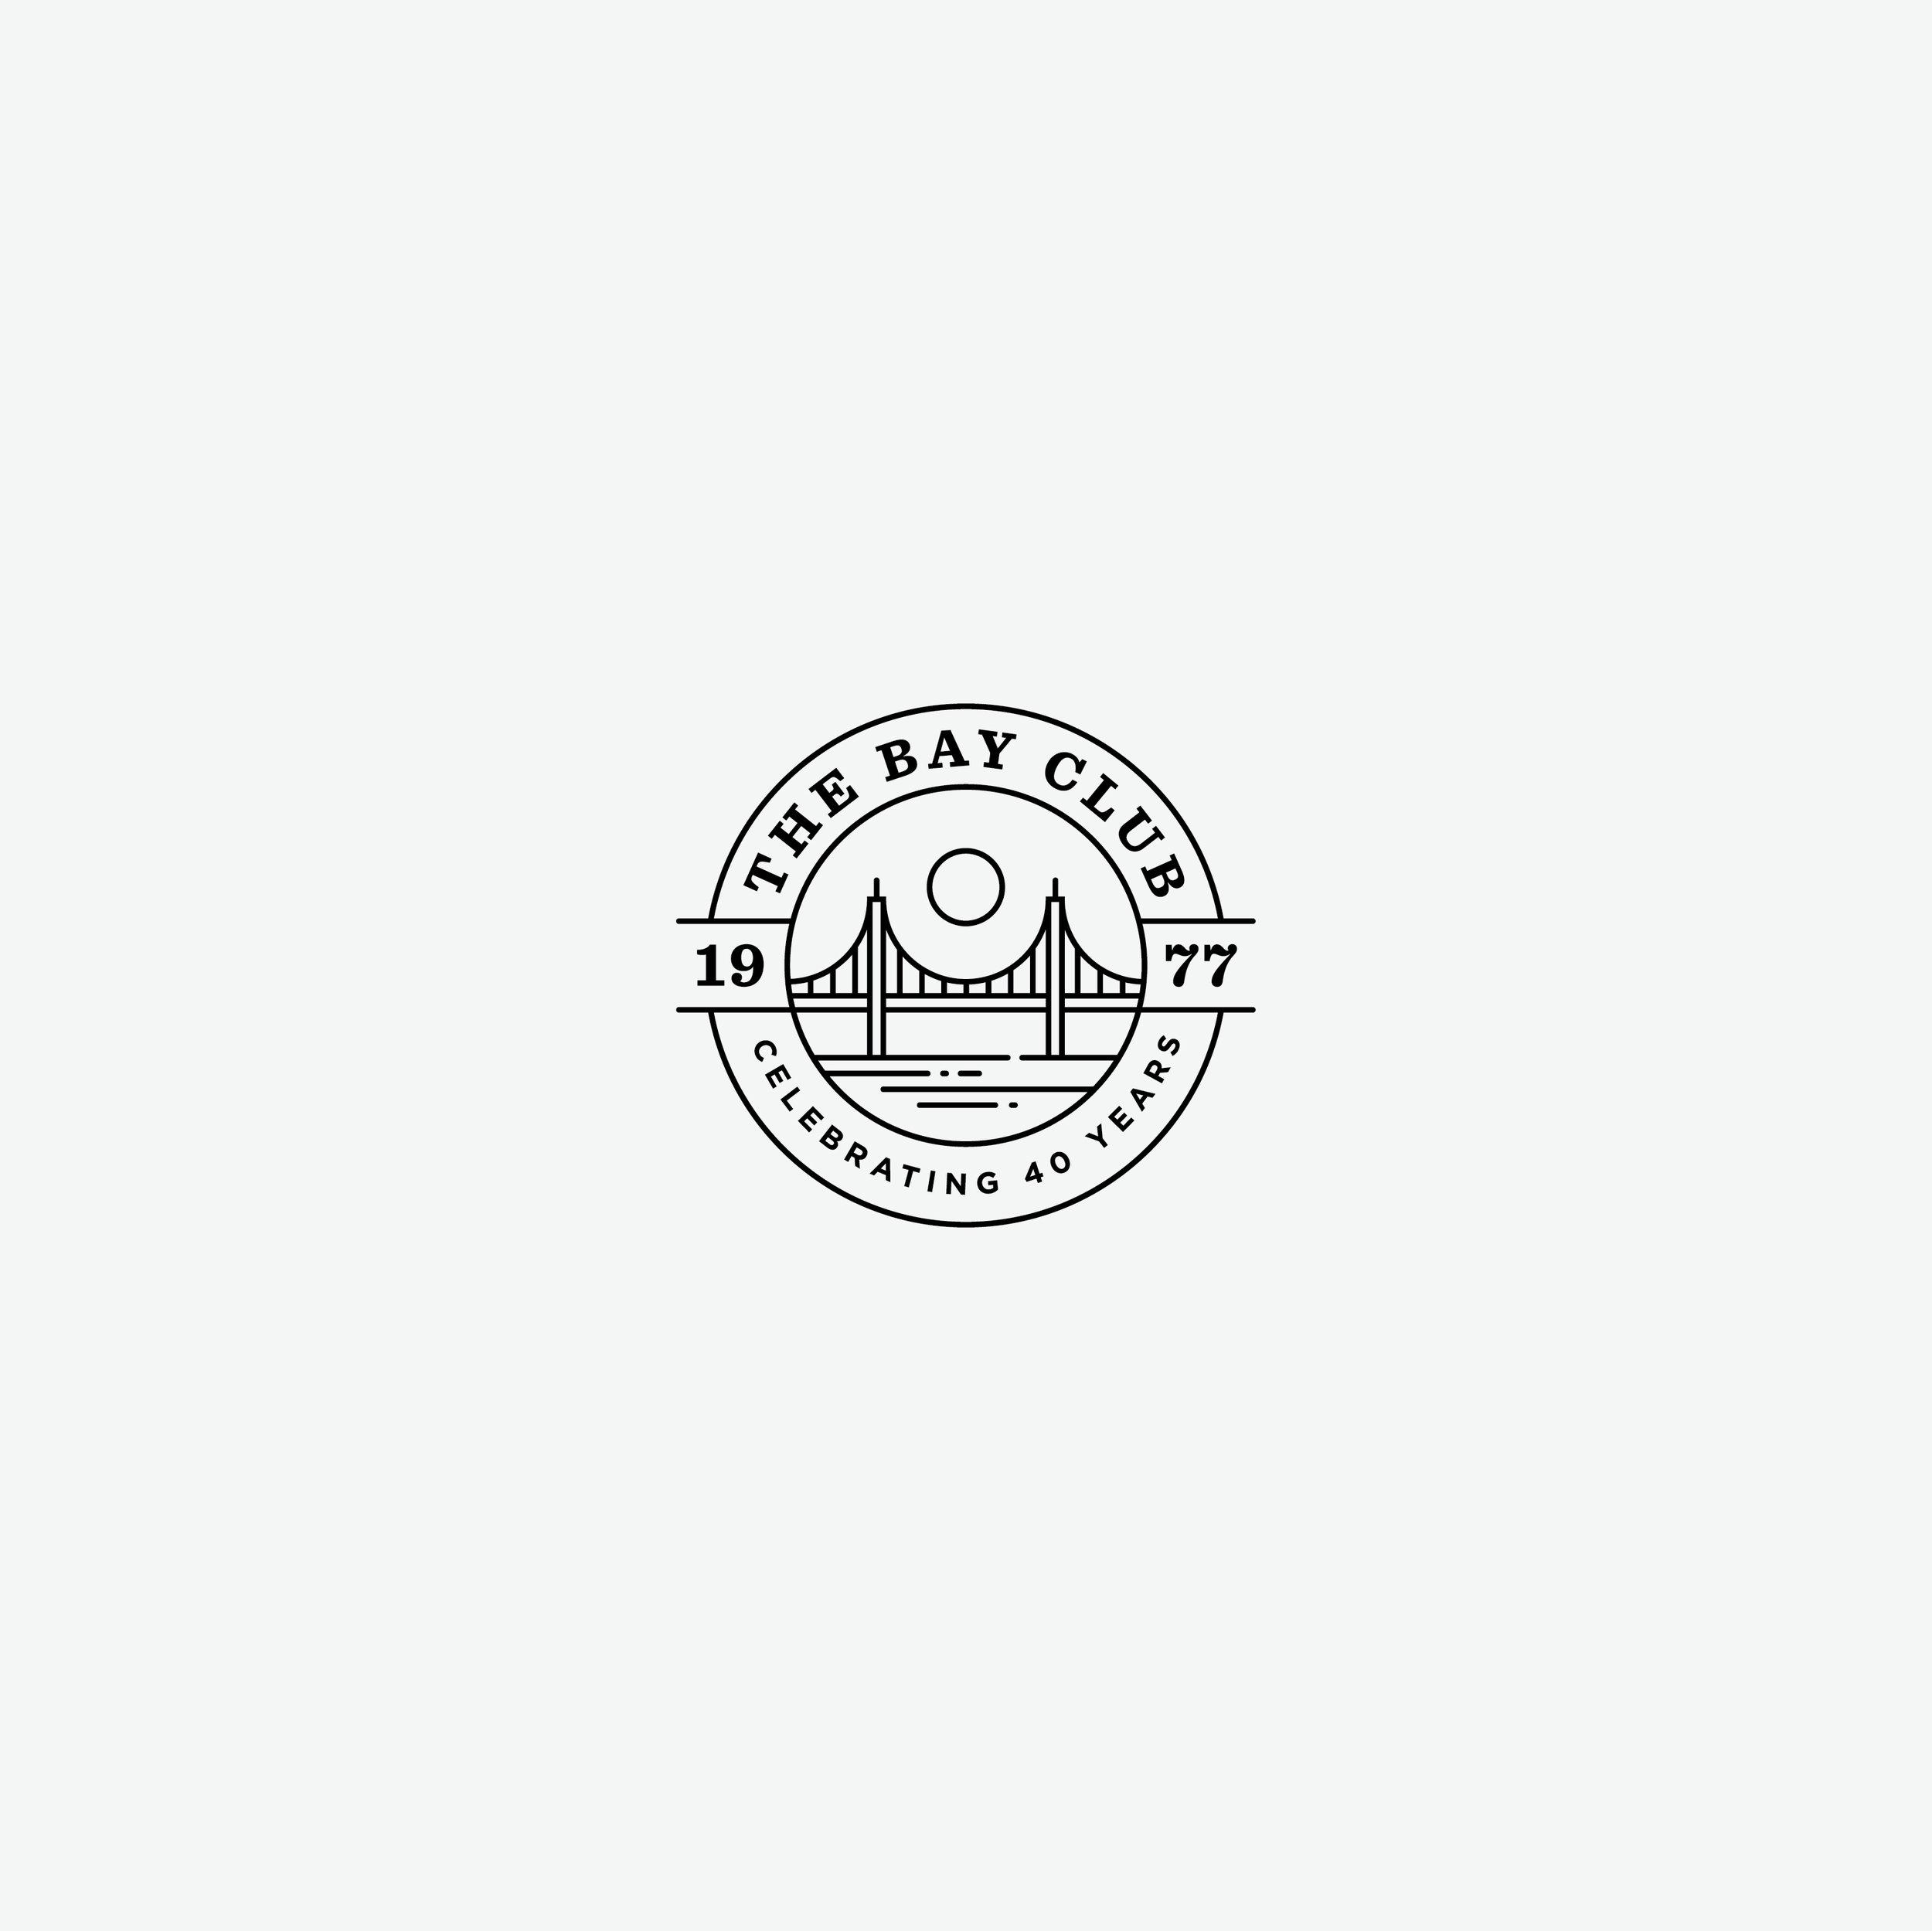 logo-template 3-04.jpg